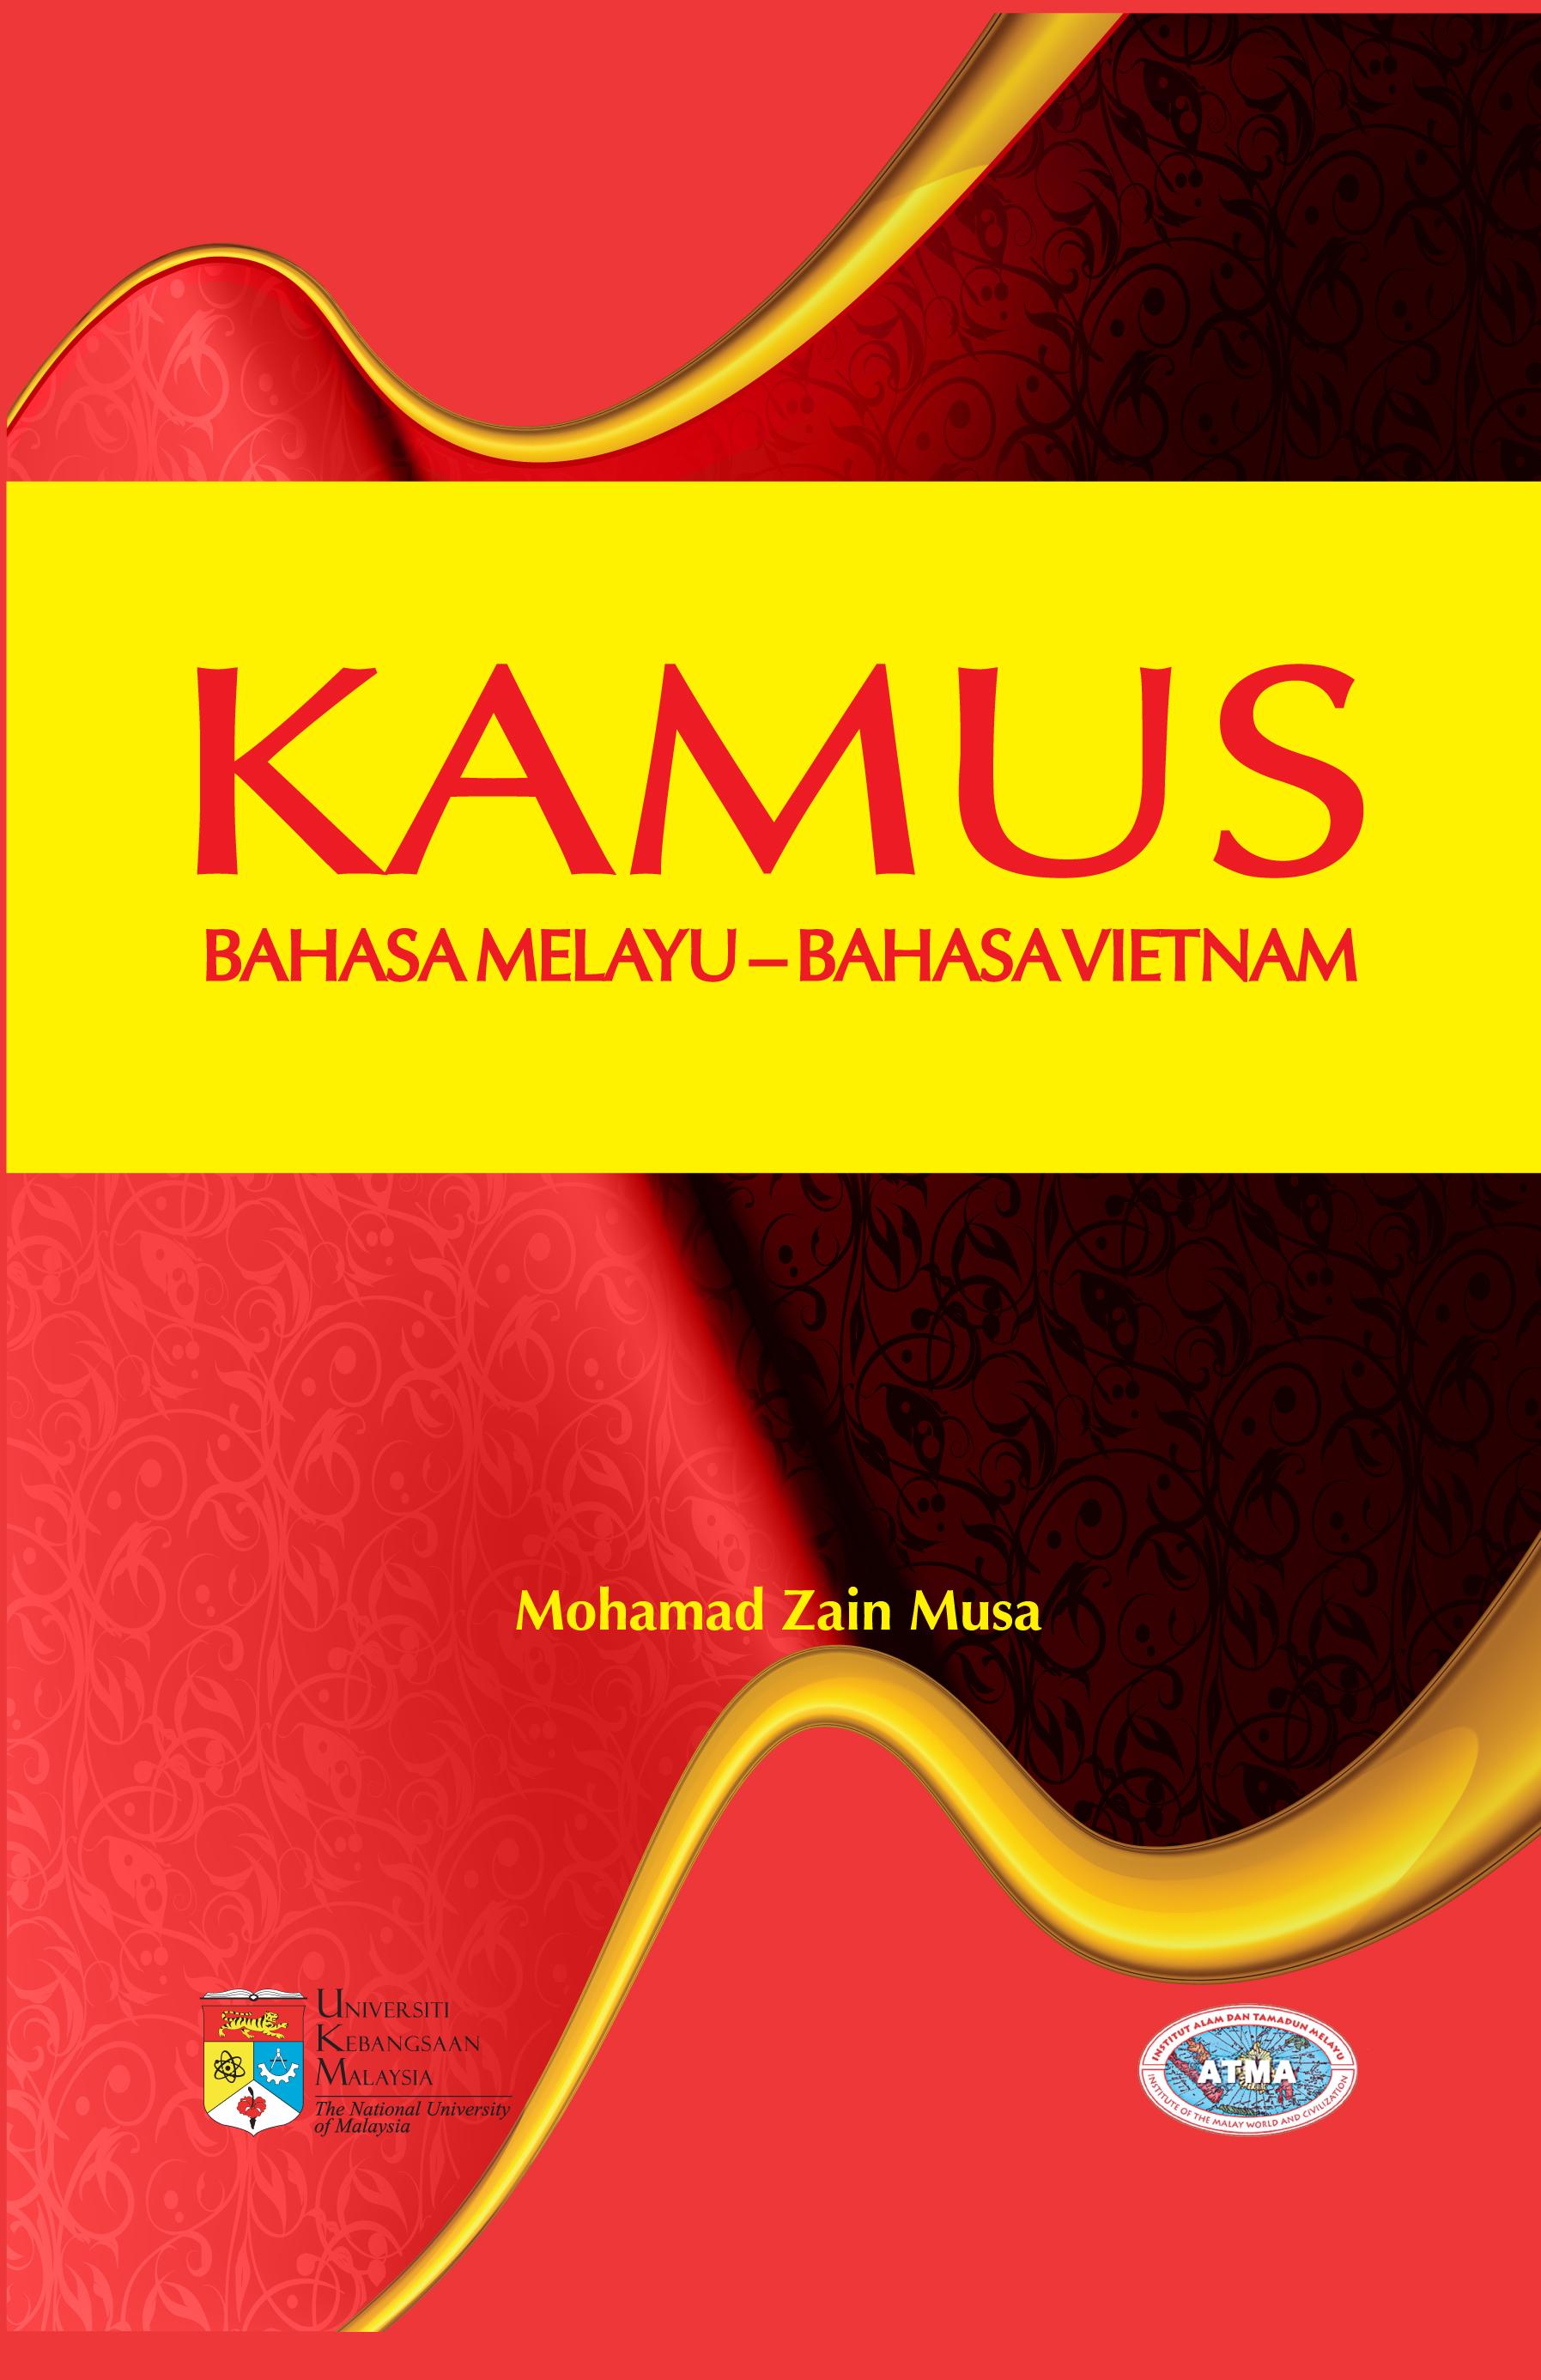 KAMUS Bahasa Melayu Bahasa Vietnam